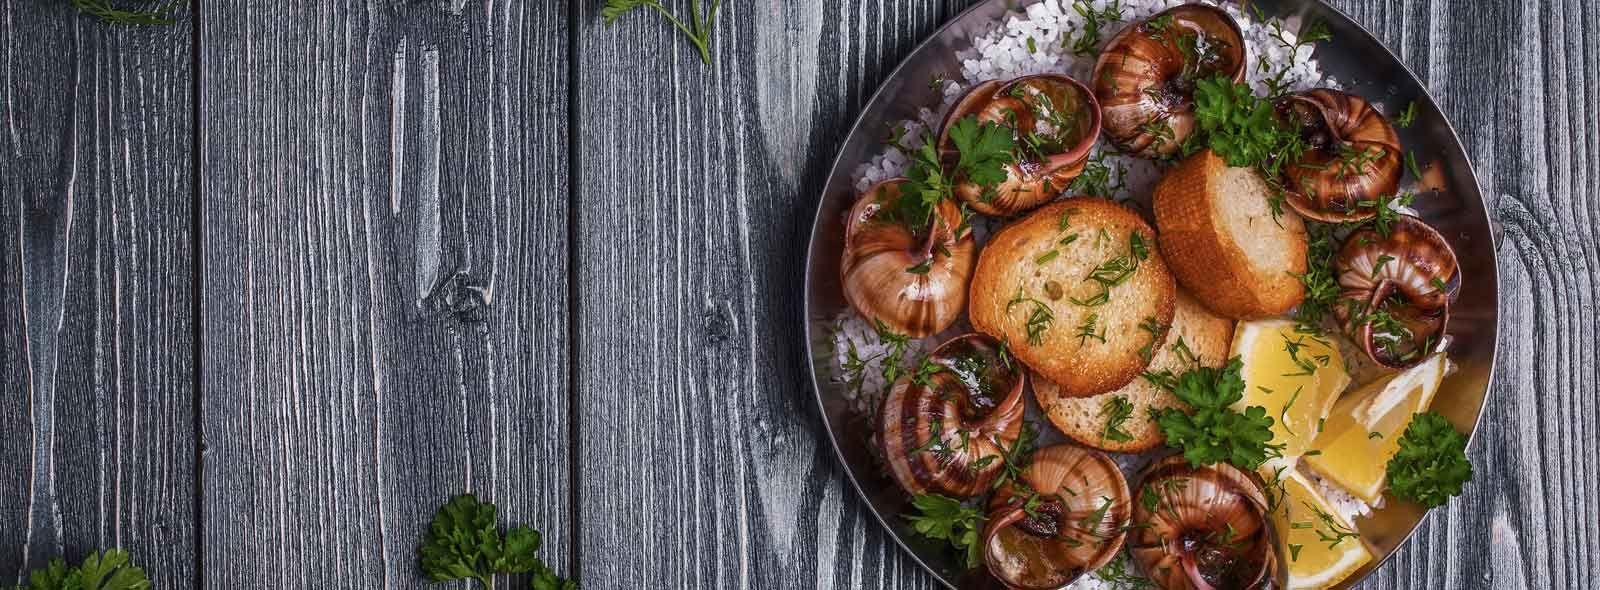 Chiocciole fritte e calorie dei gasteropodi